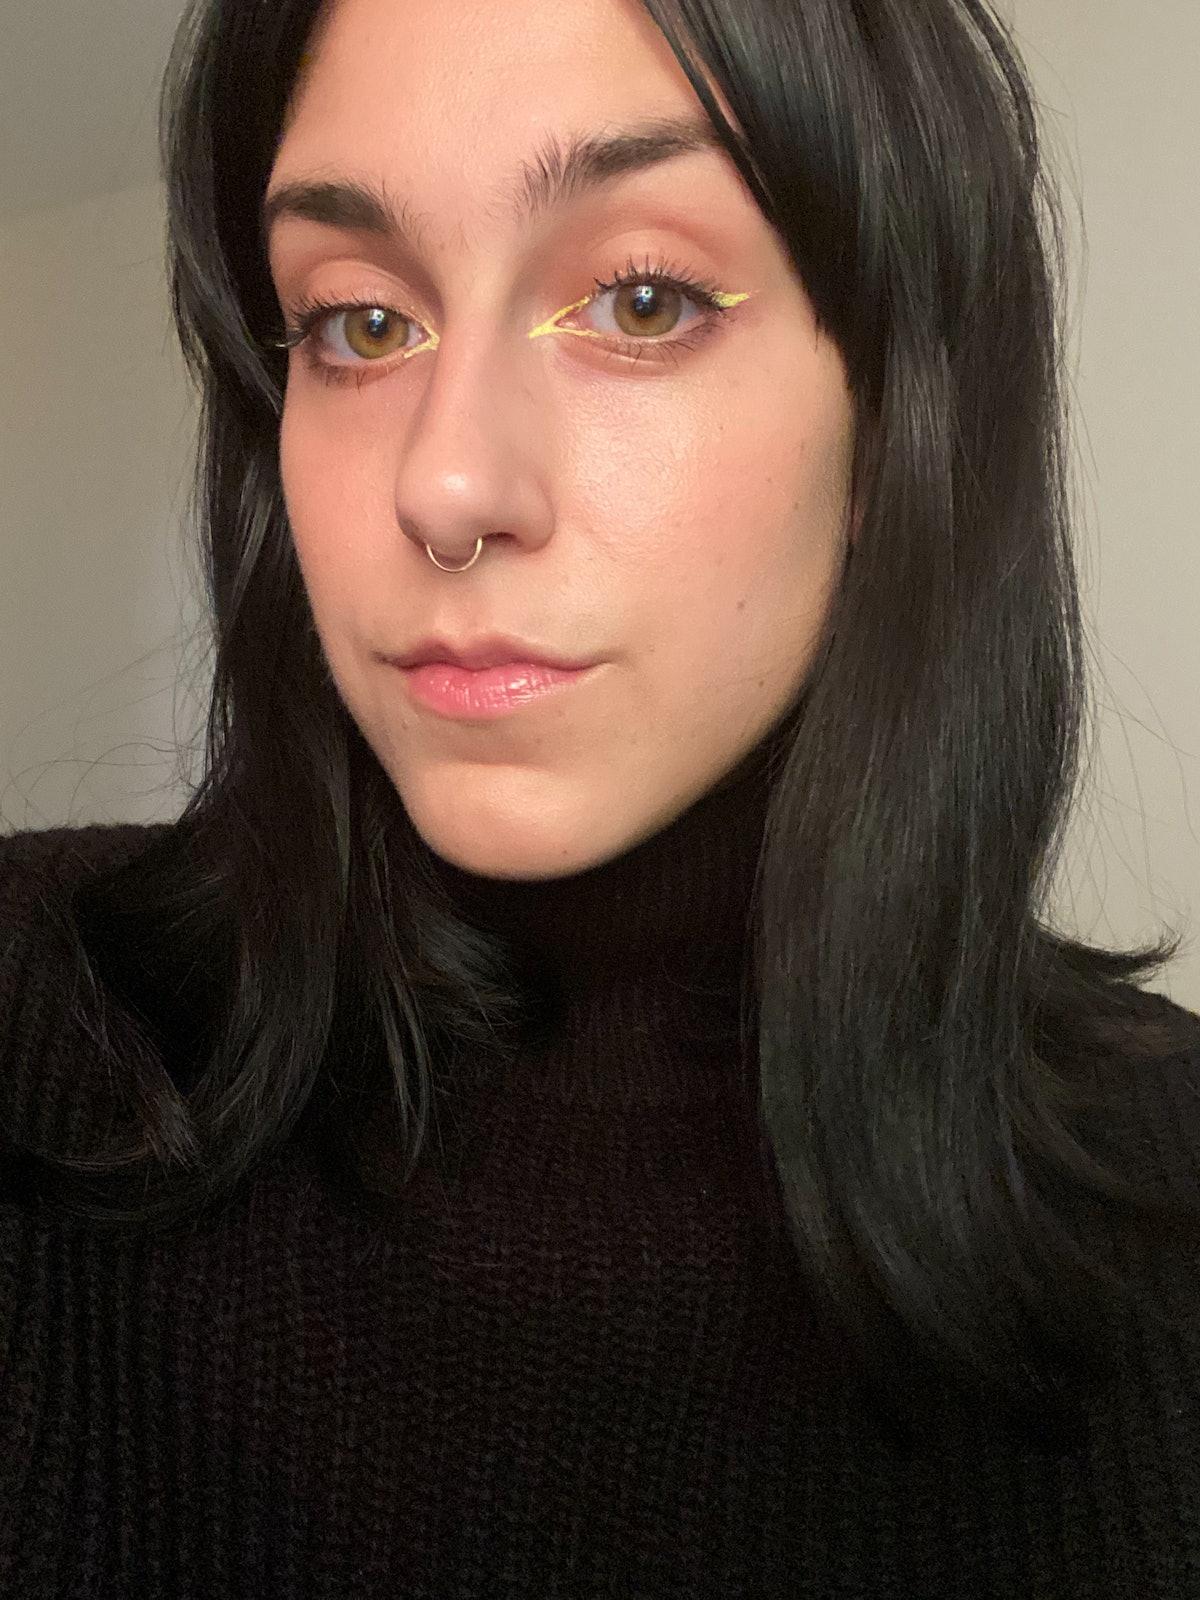 Jenna Igneri